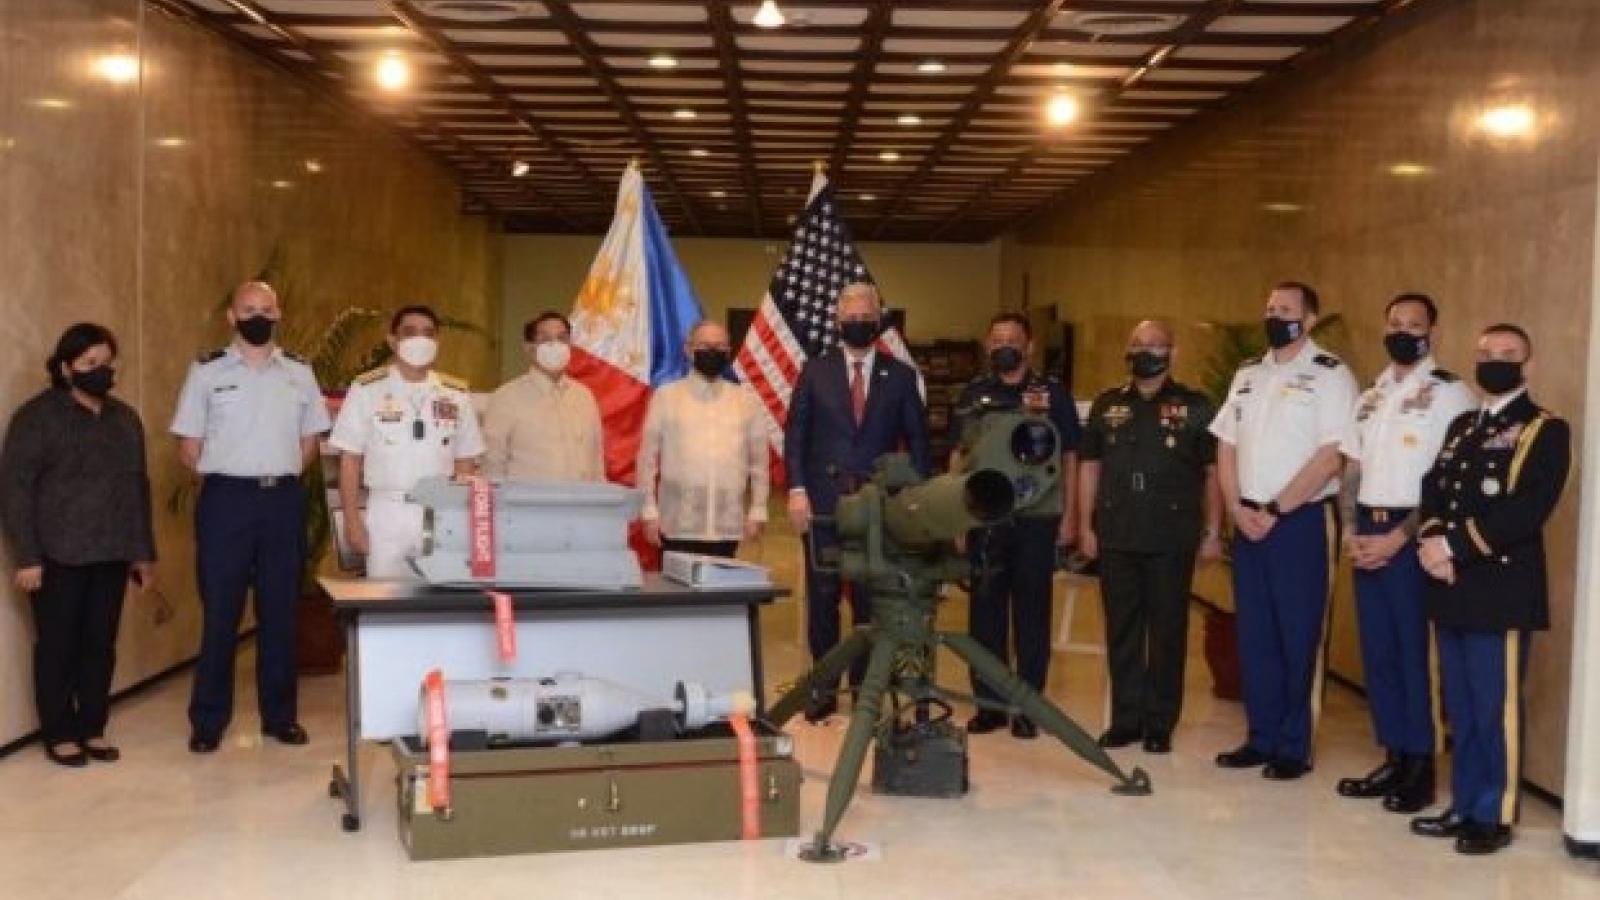 Mỹ ủng hộ Philippines ở Biển Đôngvà tài trợ cho Philippines vũ khí chống khủng bố